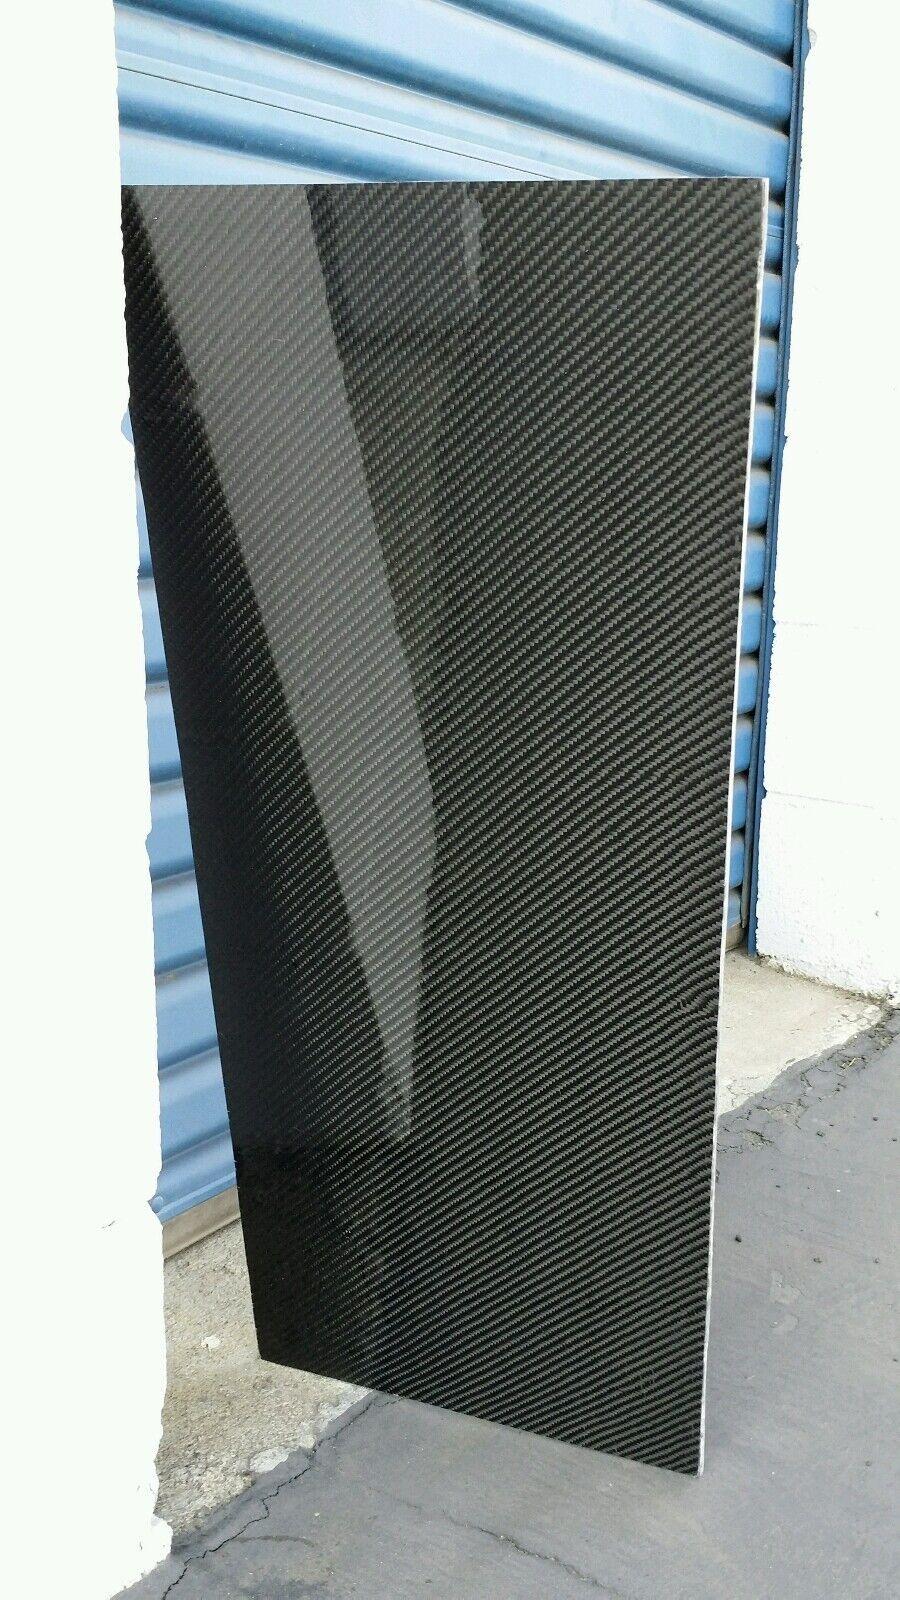 Panel De Fibra De Vidrio Fibra De Carbono Real Hoja 6 x66 x3 32  brillante de ambos lados